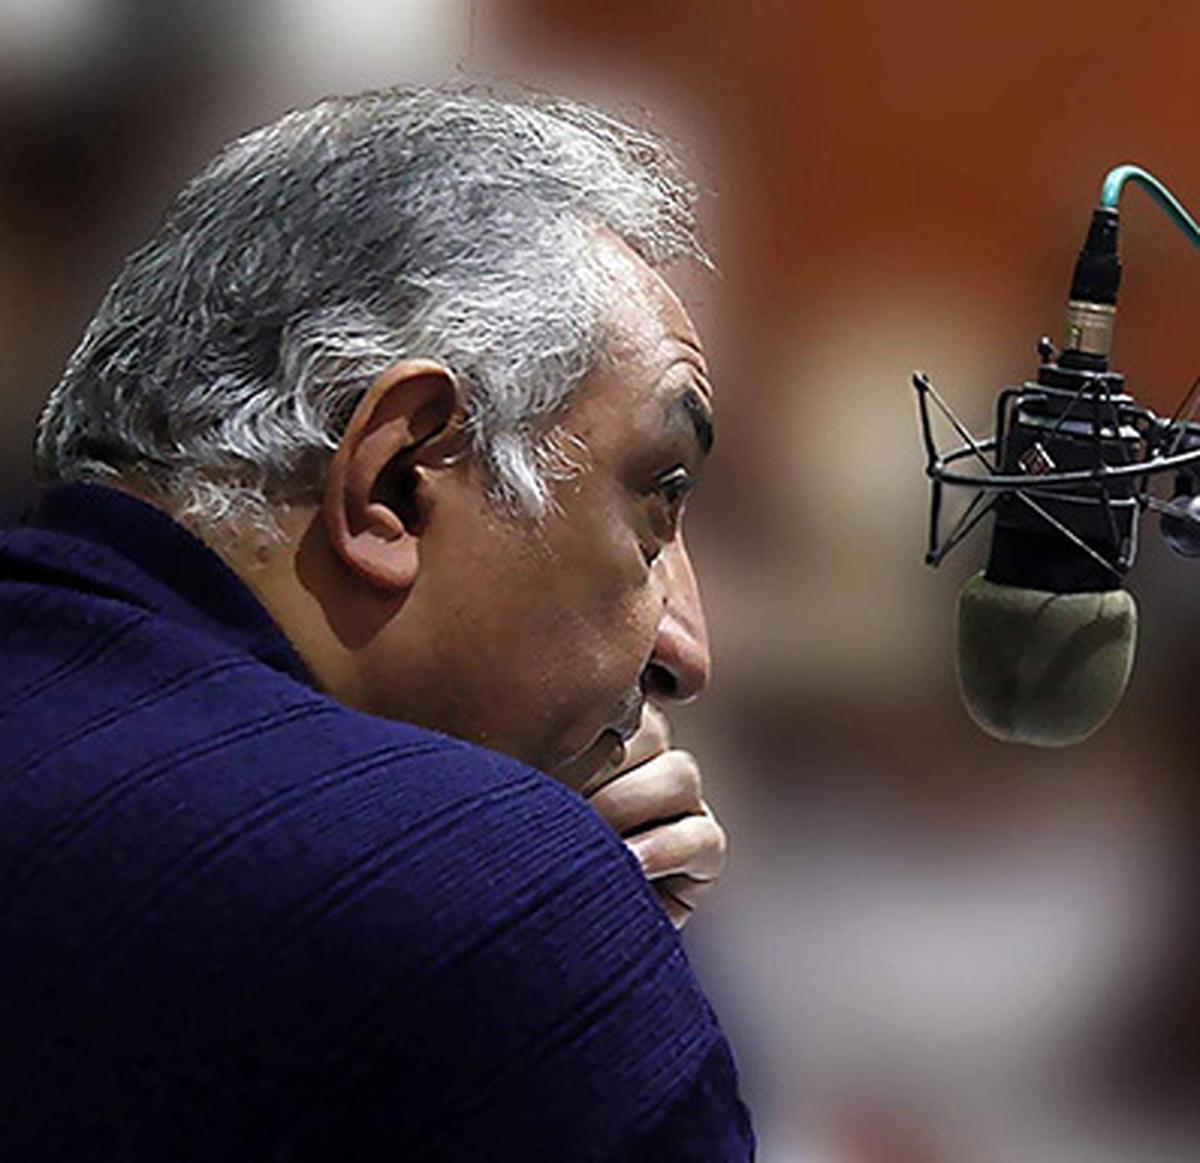 خاموشی صدای هنرمندِ رادیو نمایش| احمد گنجی گوینده رادیو نمایش درگذشت